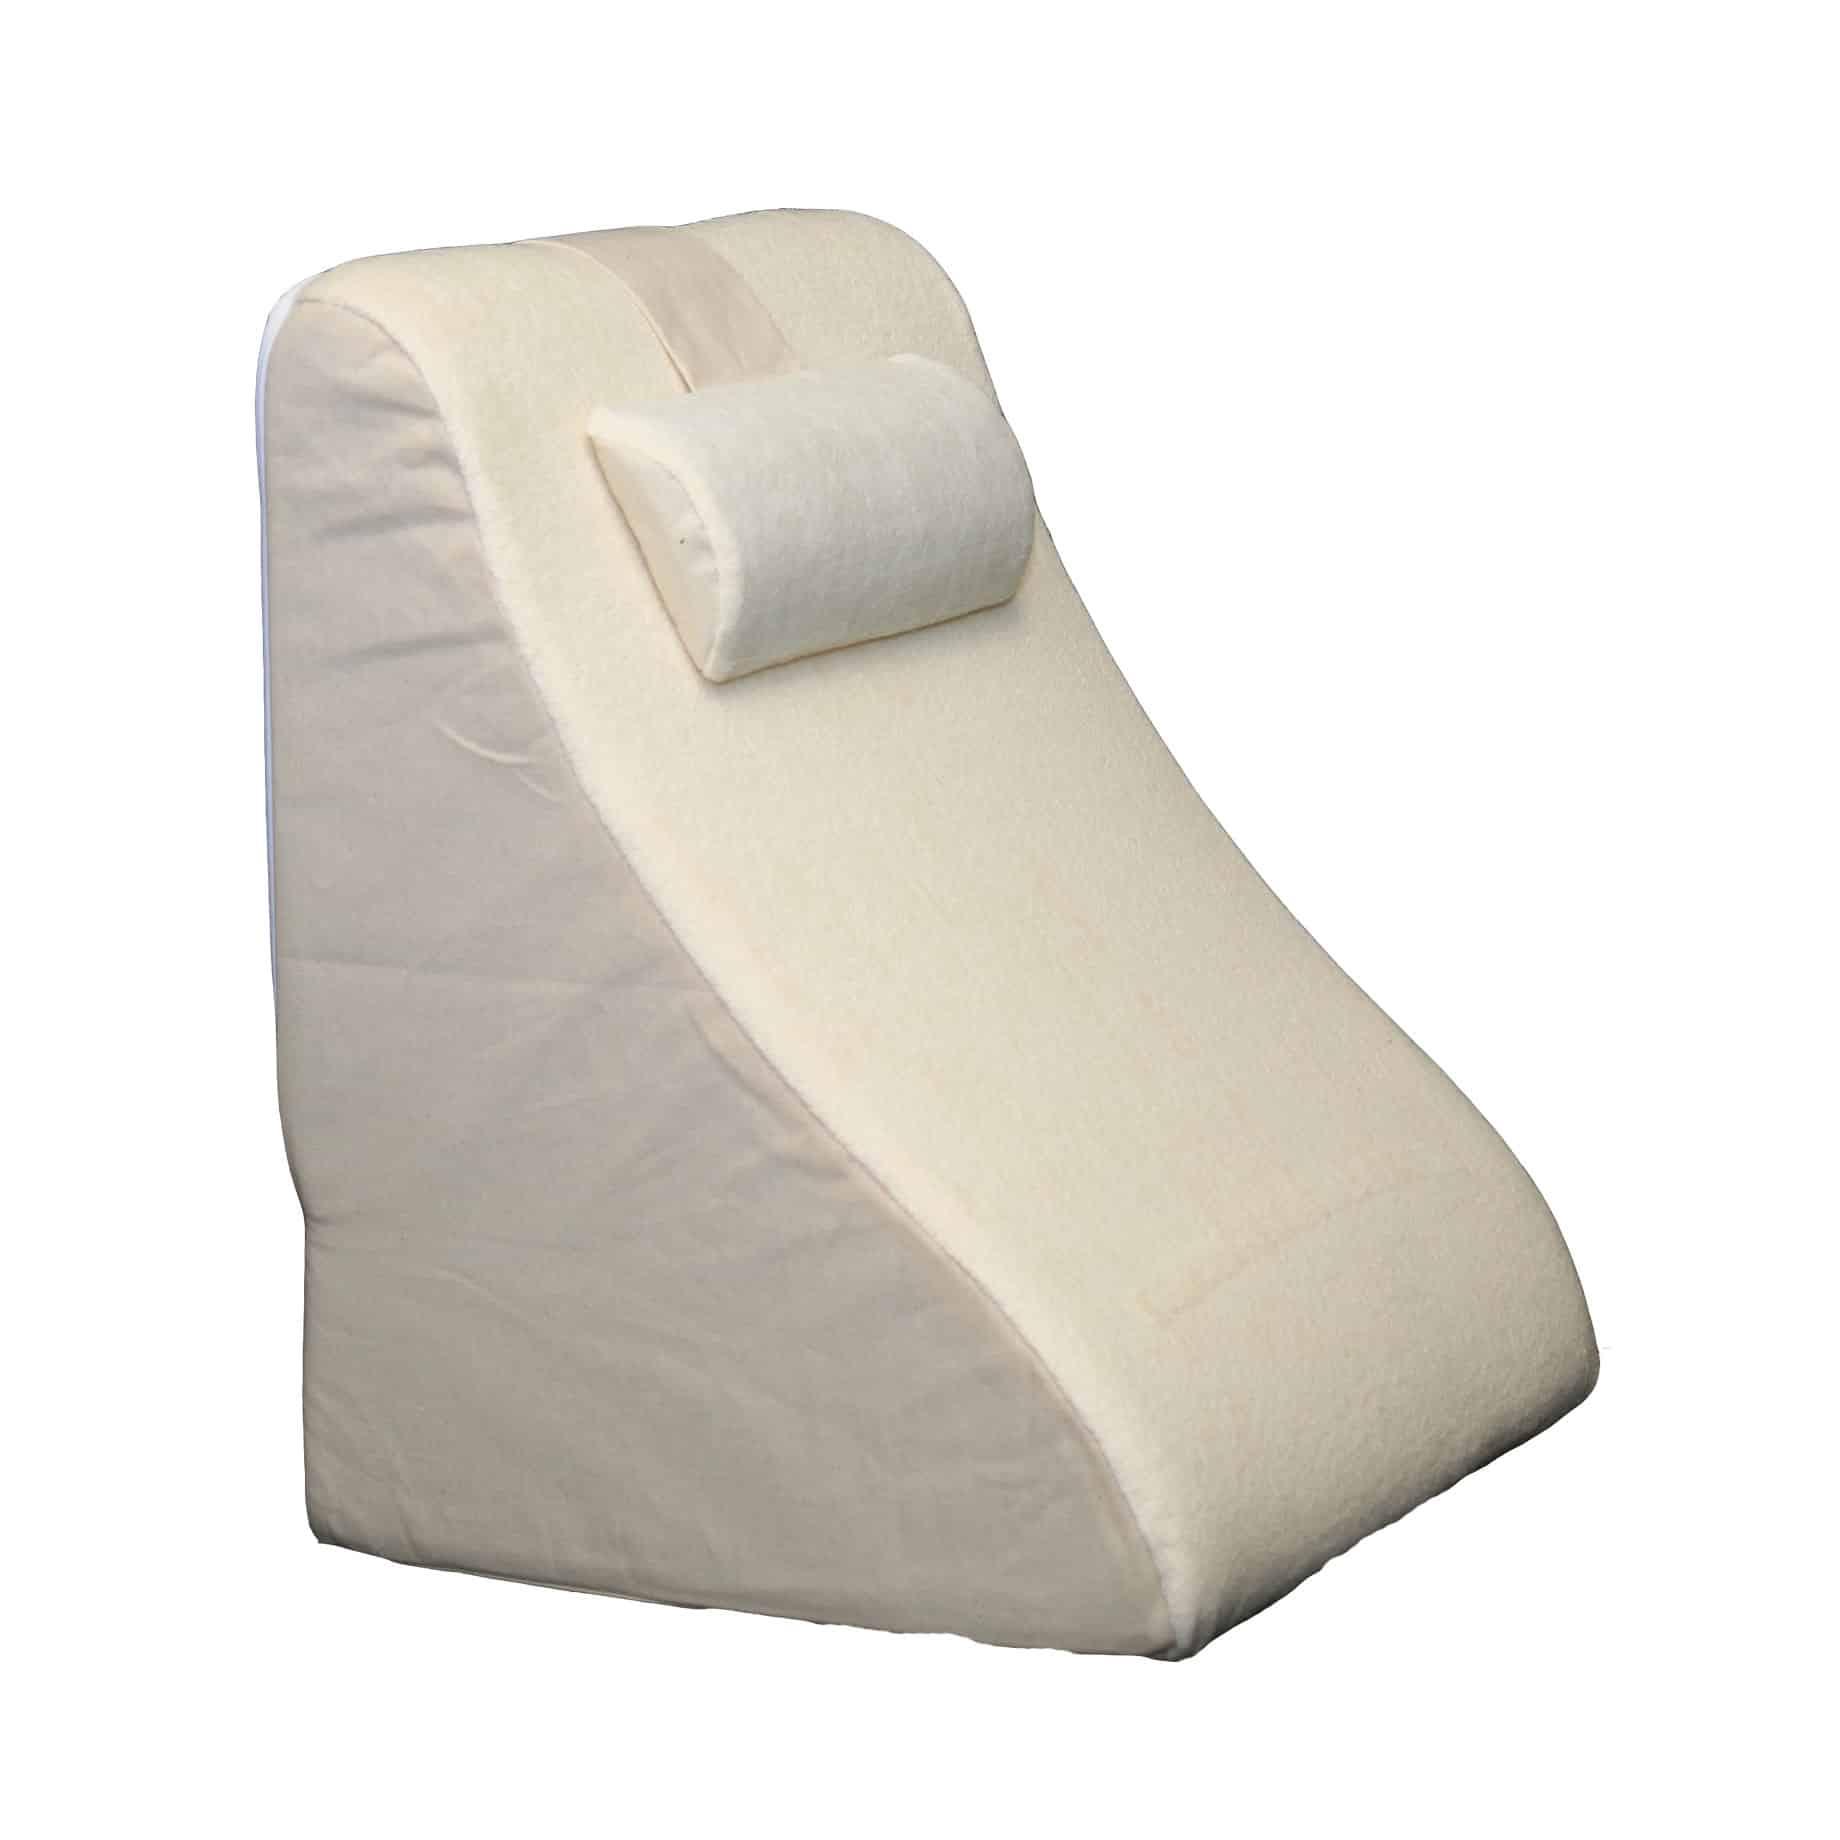 Leg Wedge Pillow